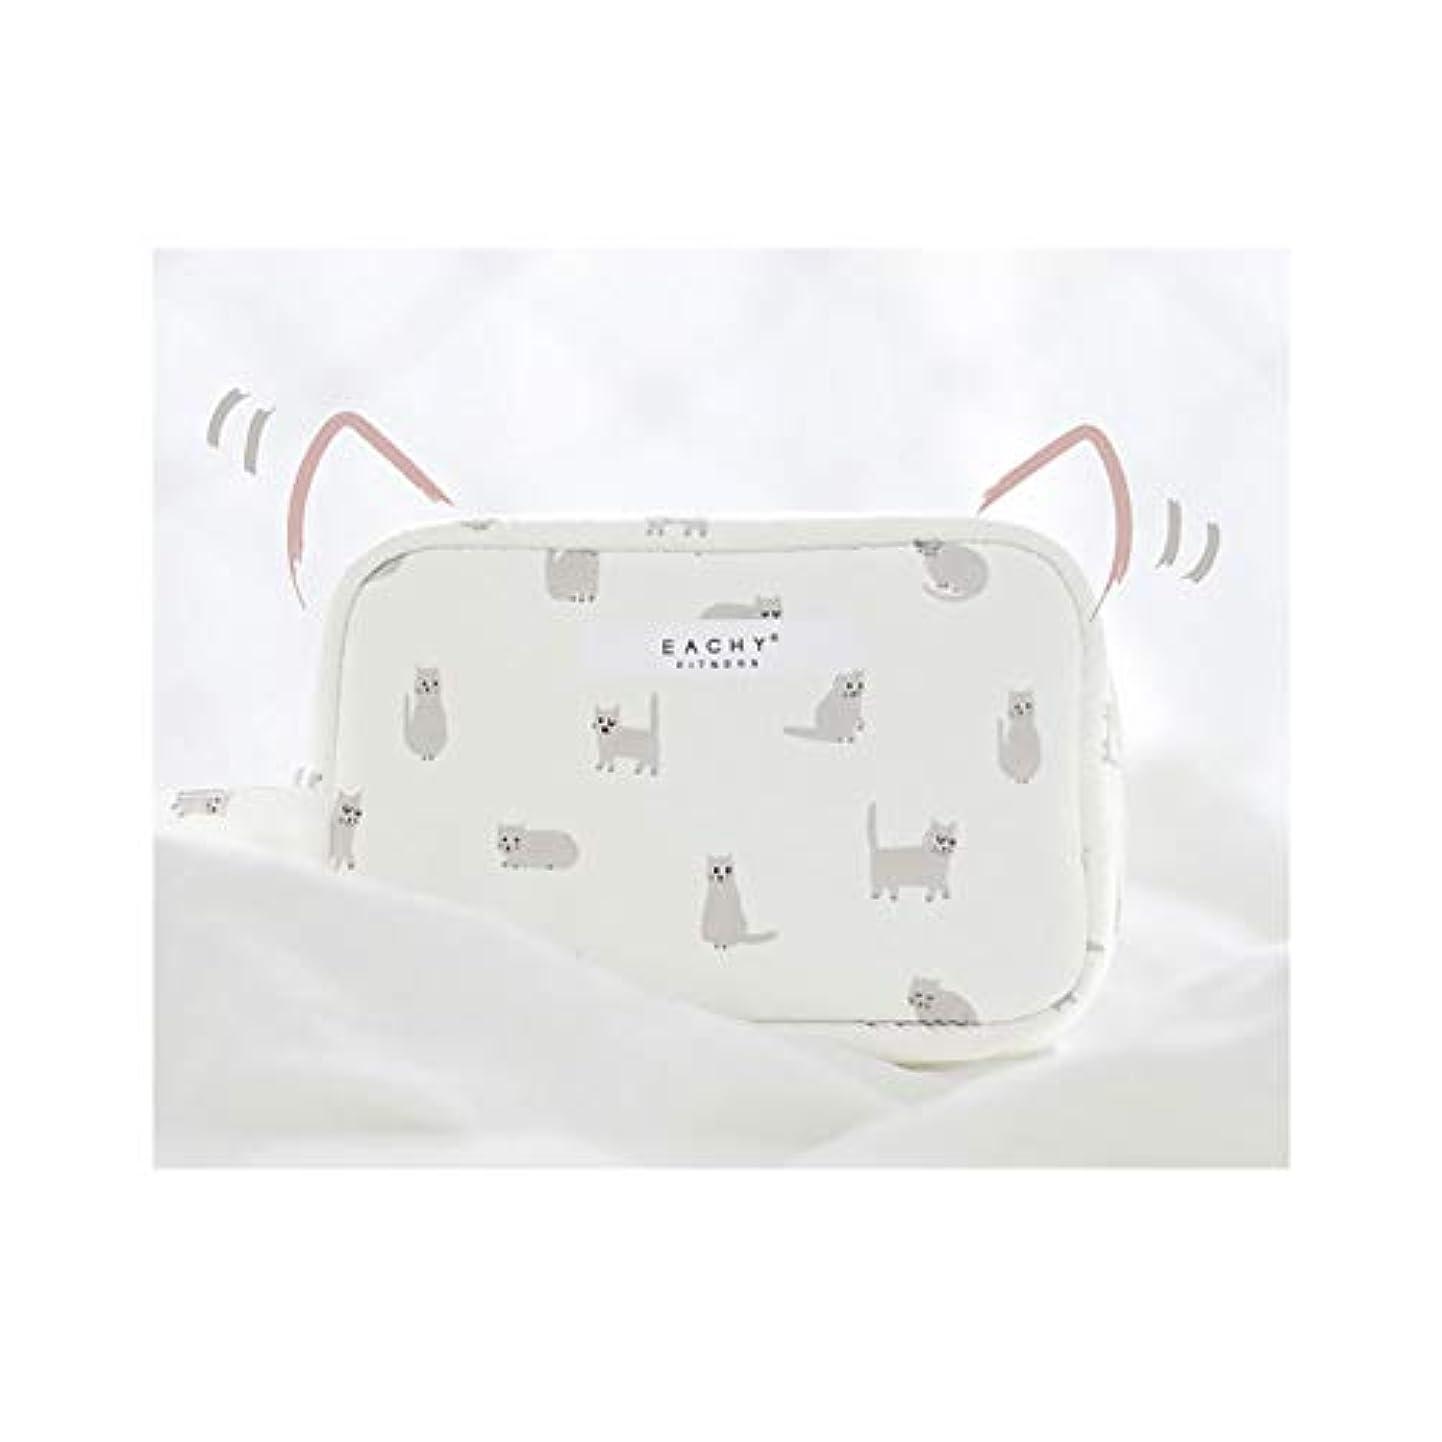 船外供給投げるNEOVIVA 化粧ポーチ コスメポーチ メイク収納バッグ かわいい 軽量 防水 旅行小物ポーチ 猫 ホワイト S